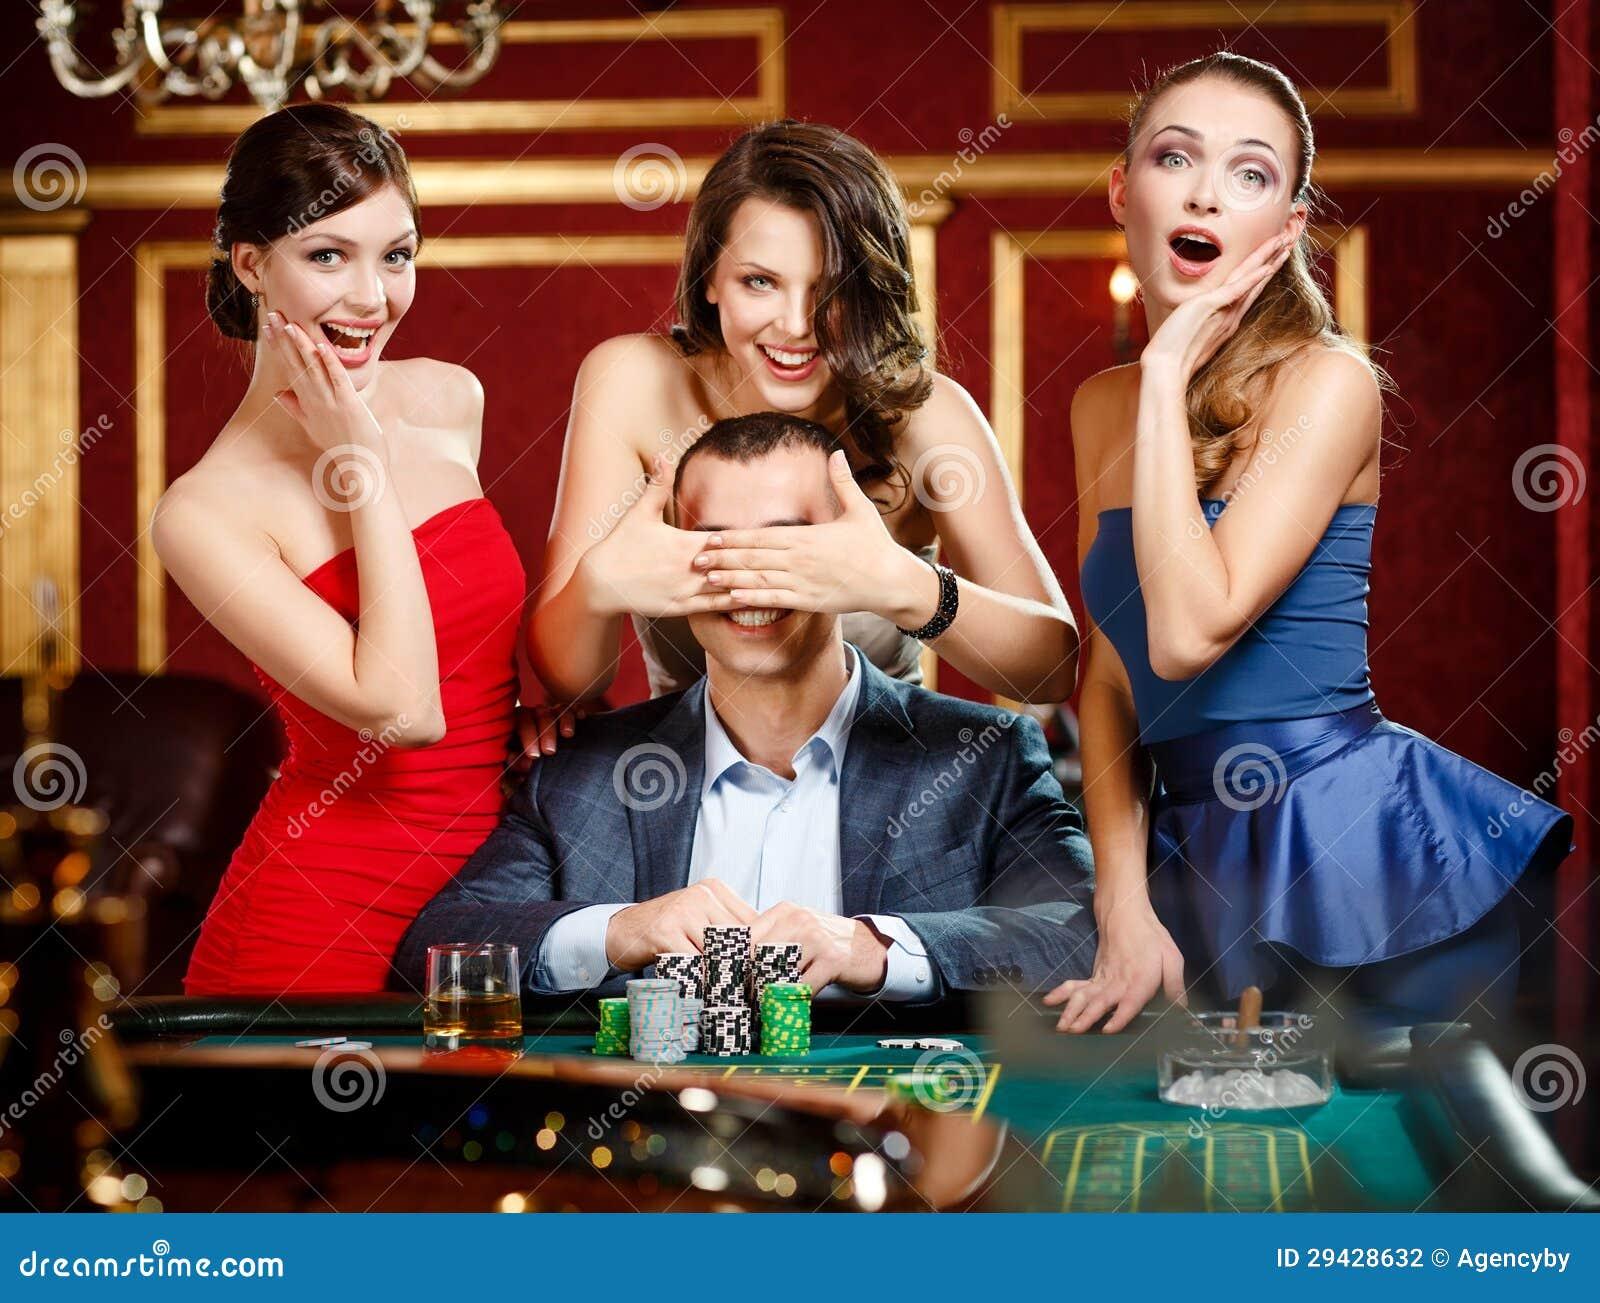 joker888 casino